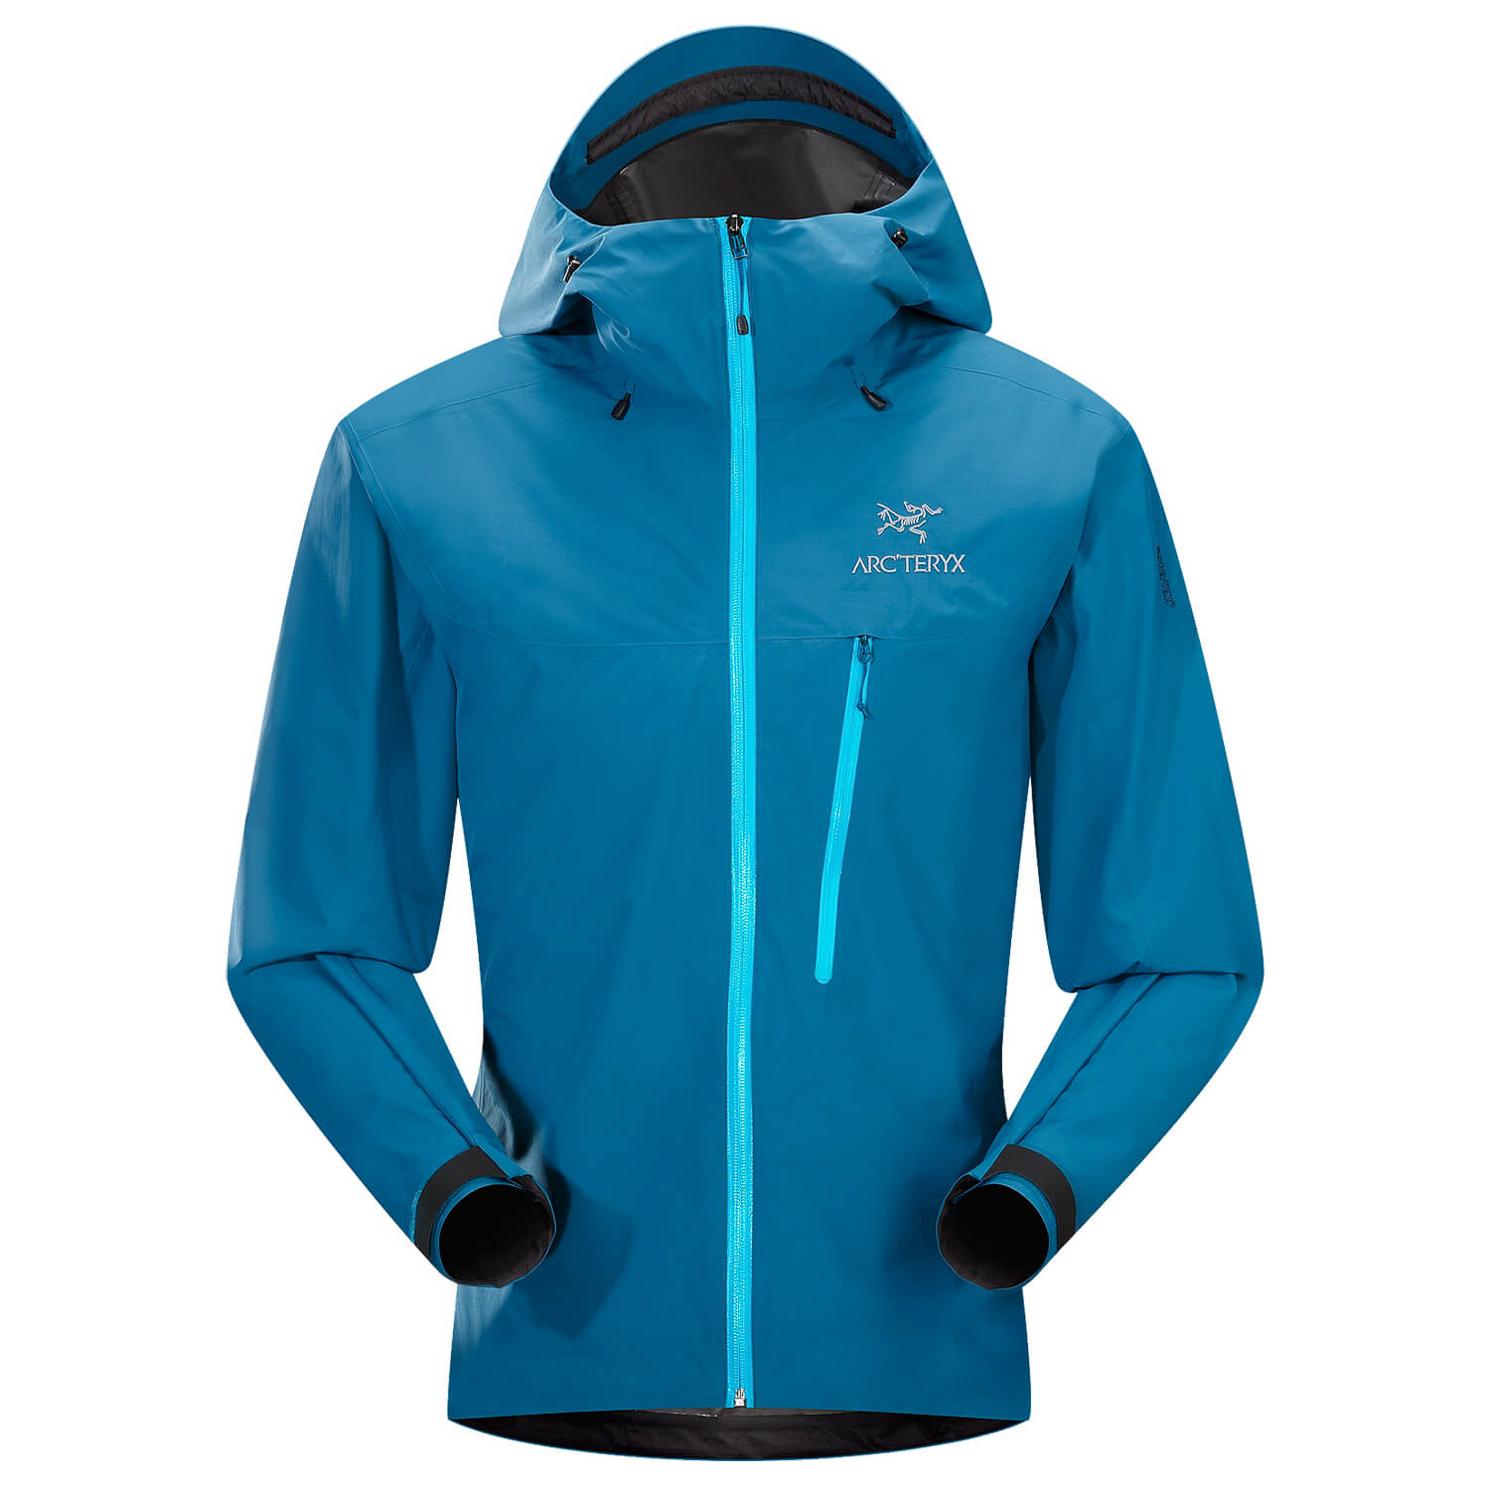 Arc Teryx Alpha Sl Jacket Hardshell Jacket Men S Buy